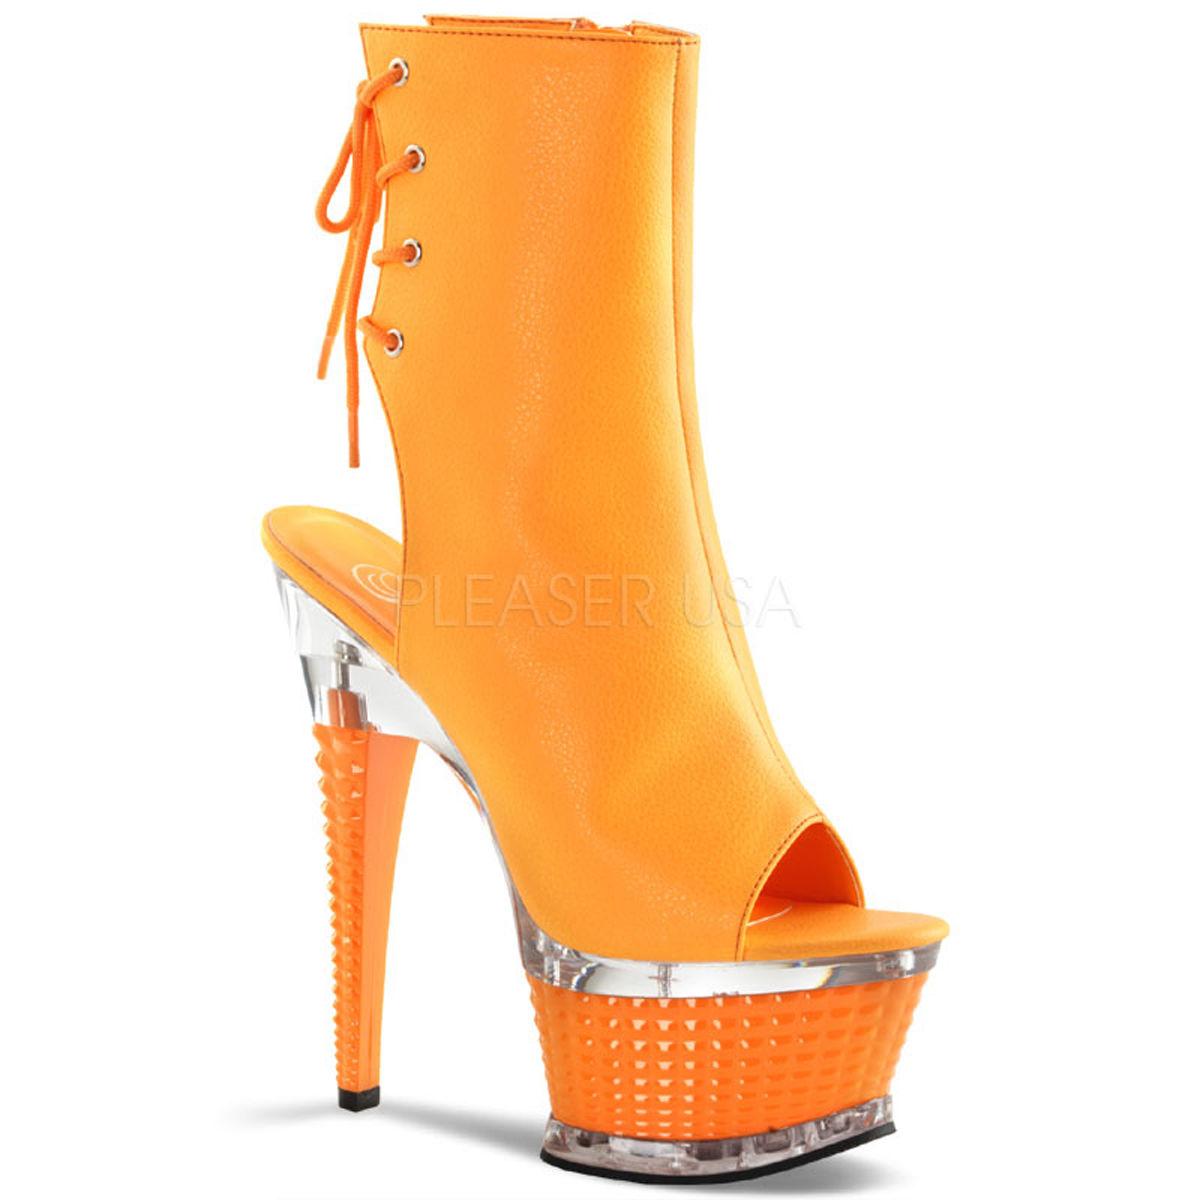 【お取り寄せ】【Pleaser】ILLUSION-1018UV Neon Orange Faux Leather/Orange,ブラックライト対応!プリーザ 厚底 ヒール サンダル キャバ